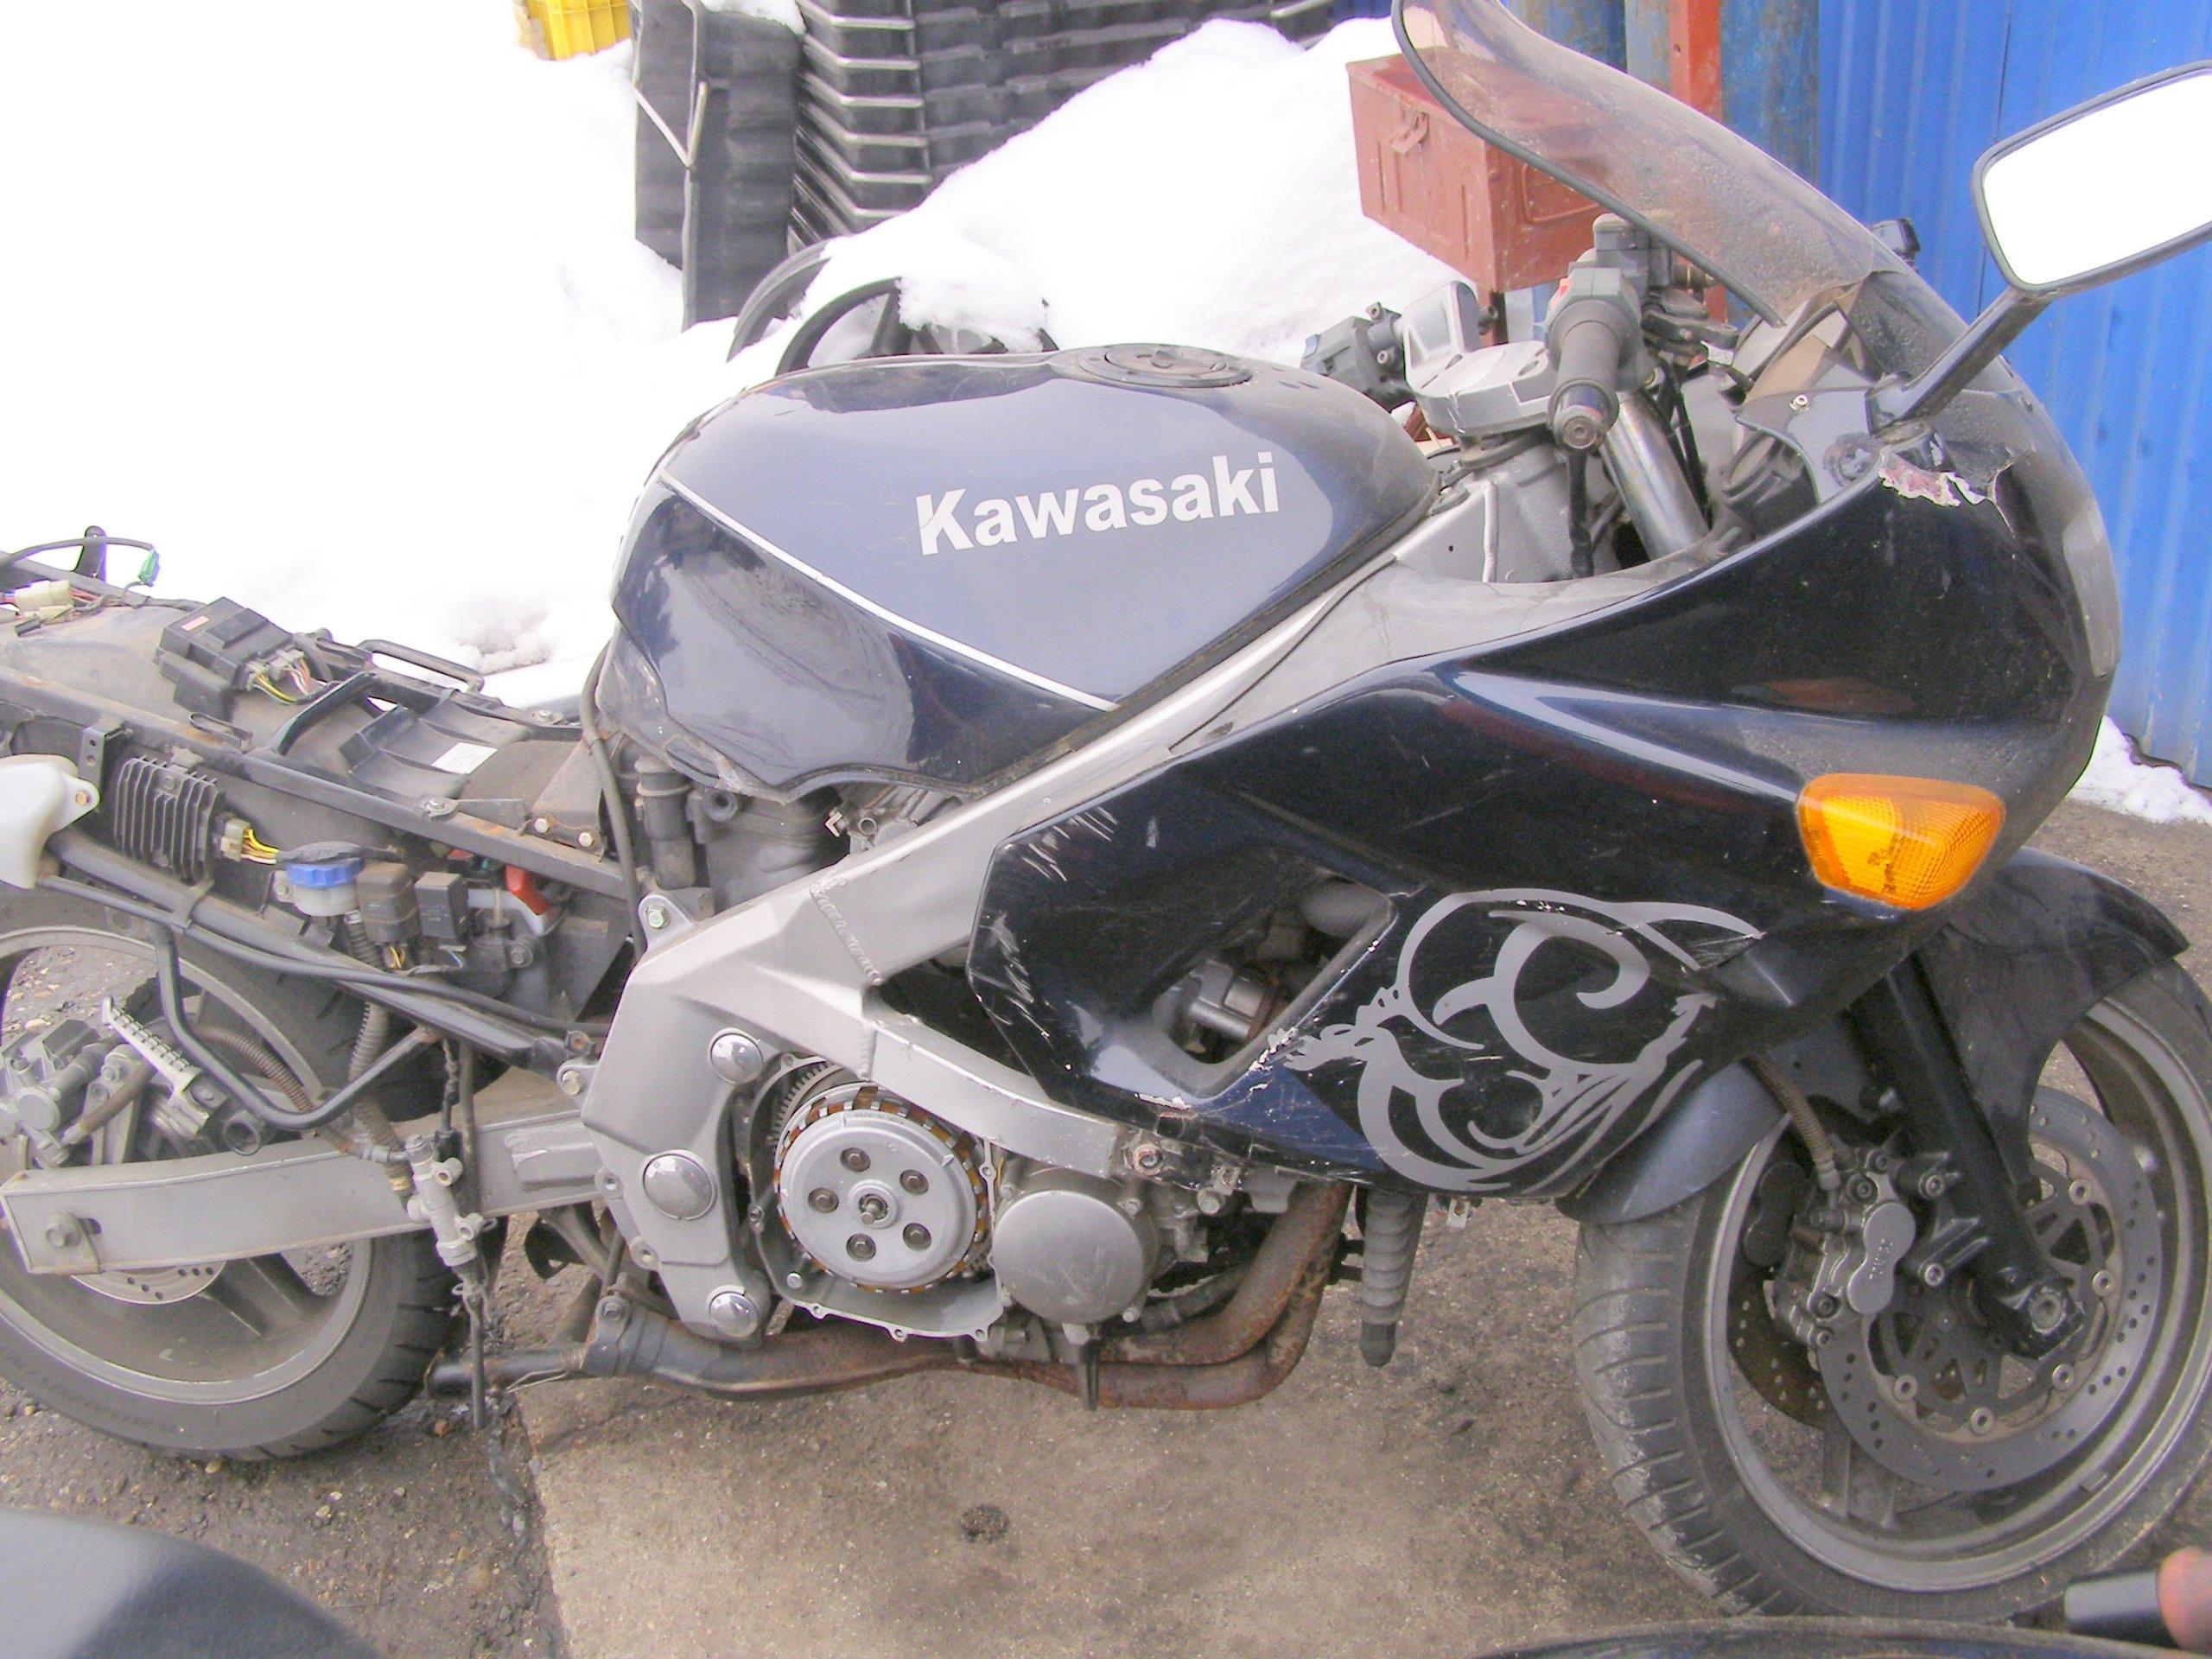 Kawasaki ZZR 600 1991-92 Diely Motocykel na častiach